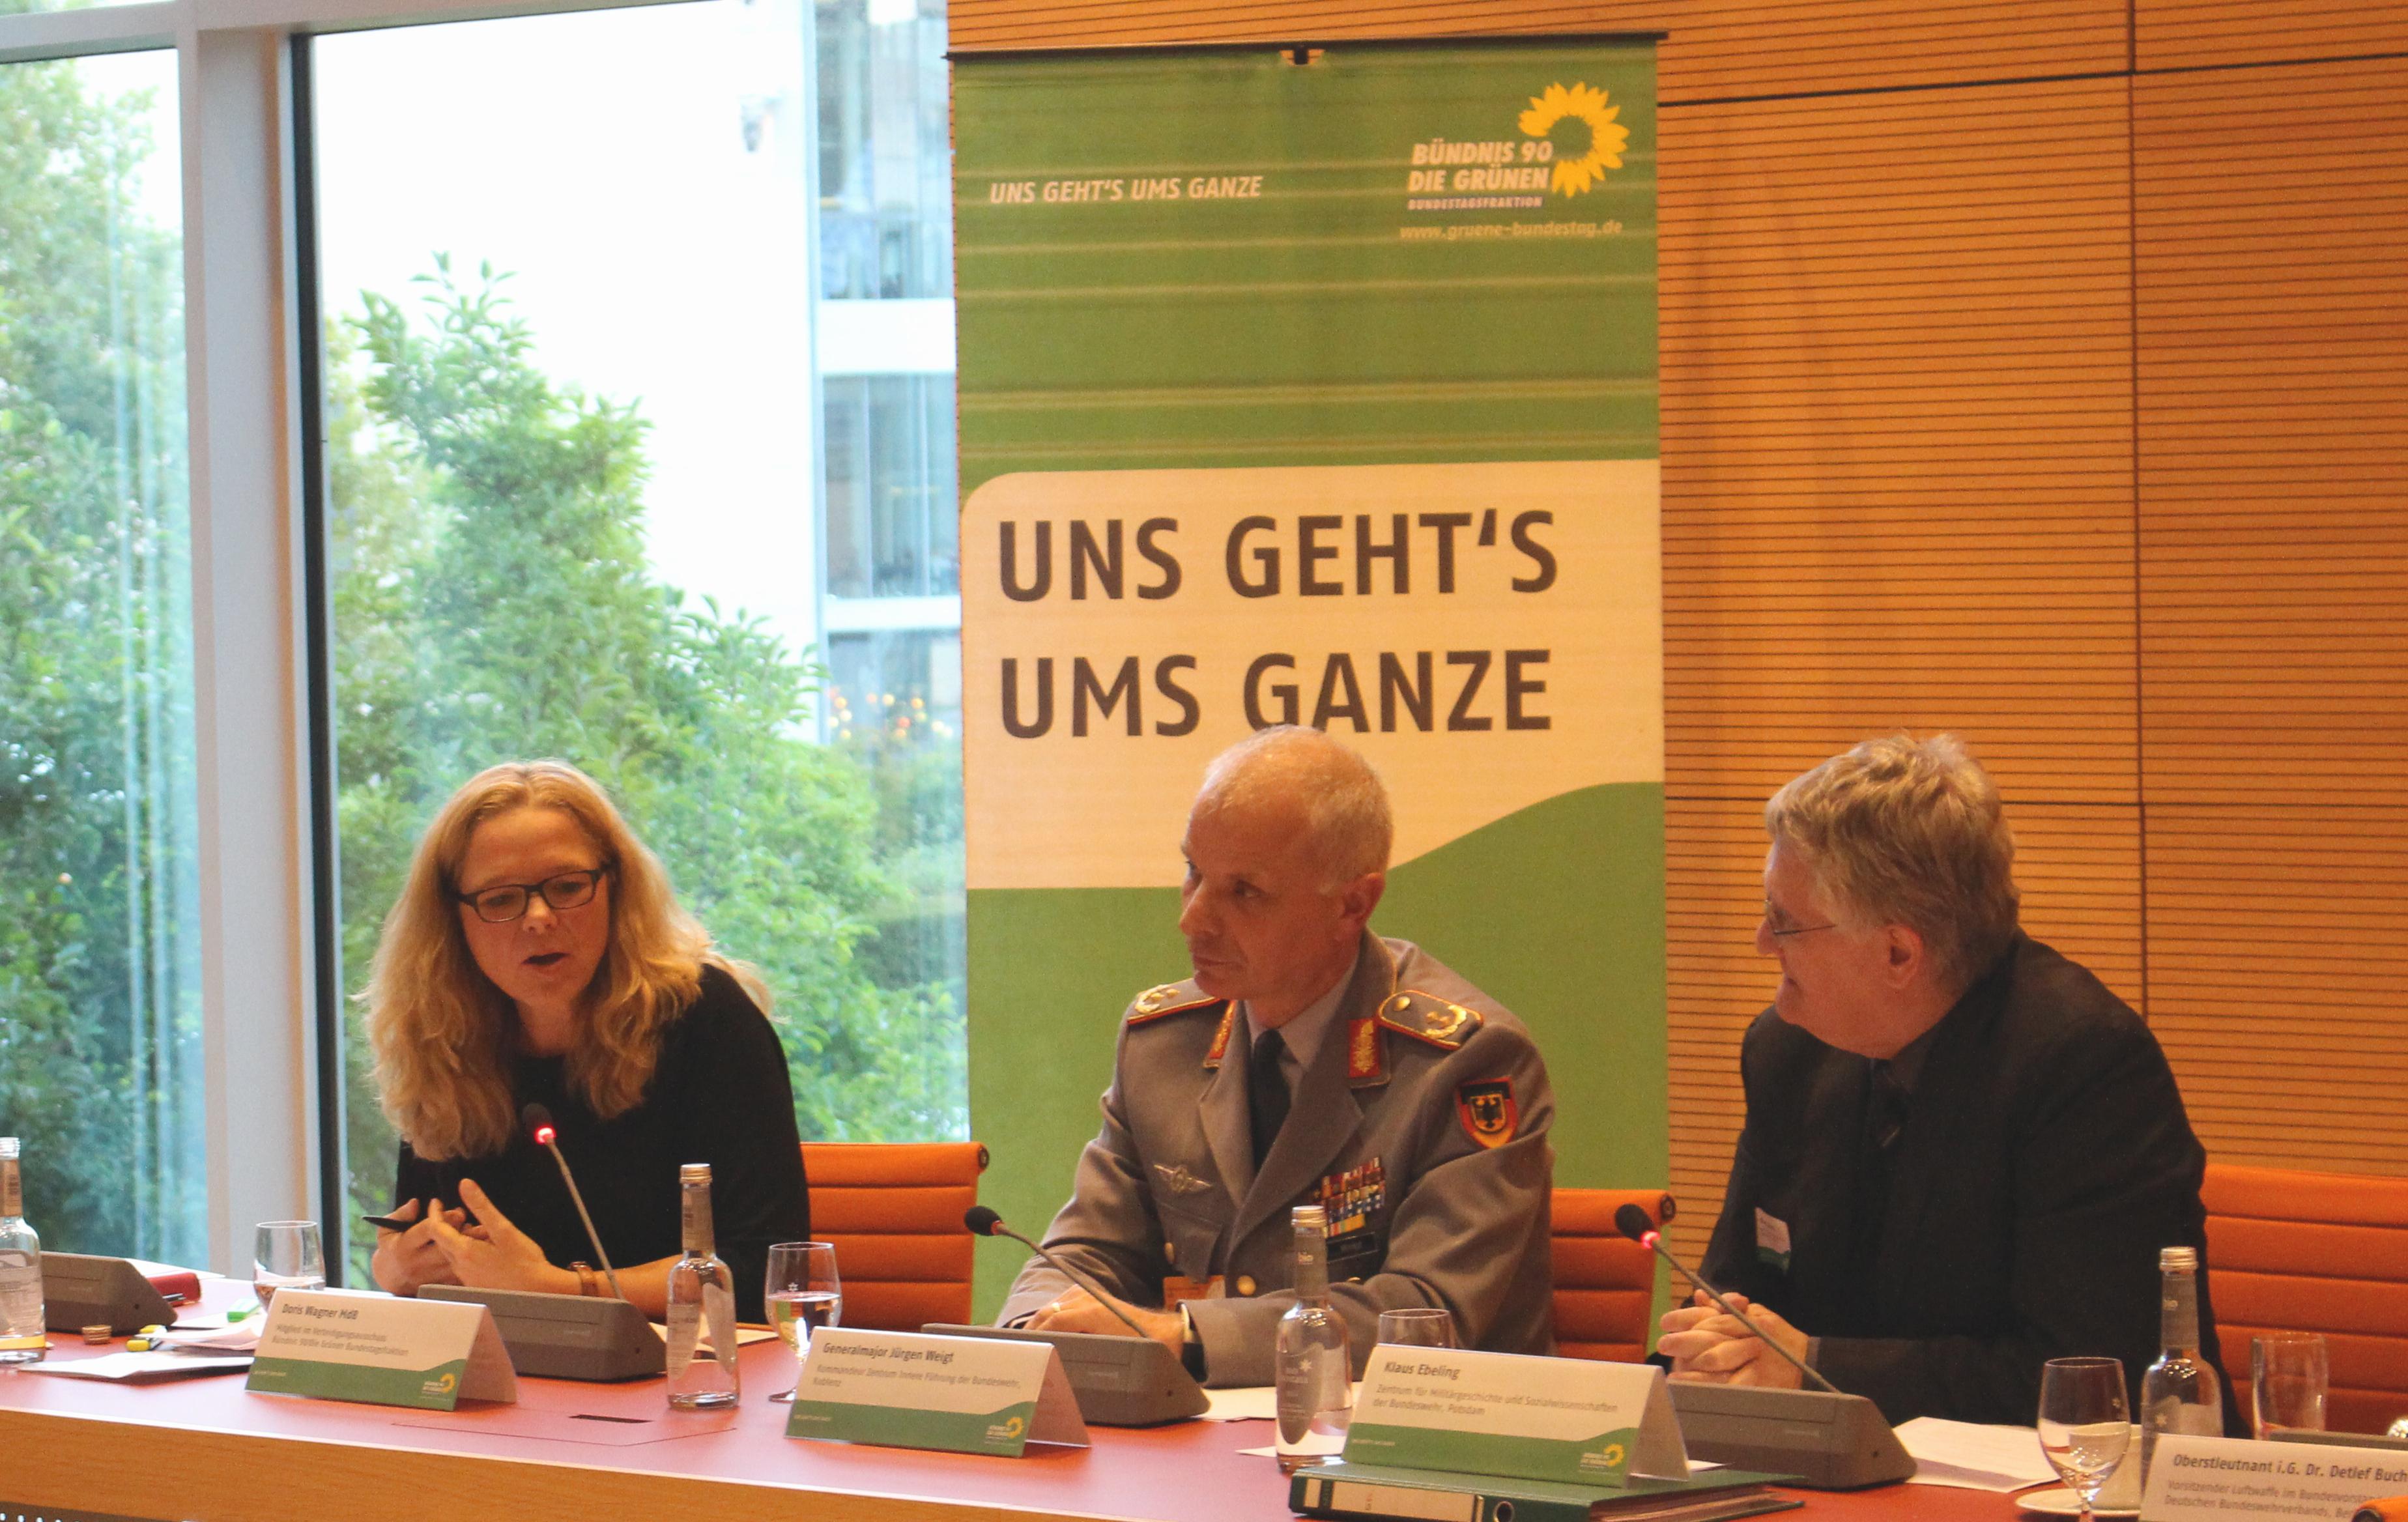 150930 Fachgespäch Innere Führung, Doris Wagner, MdB mit Generalmajor Jürgen Weigt und Klaus Ebeling 1